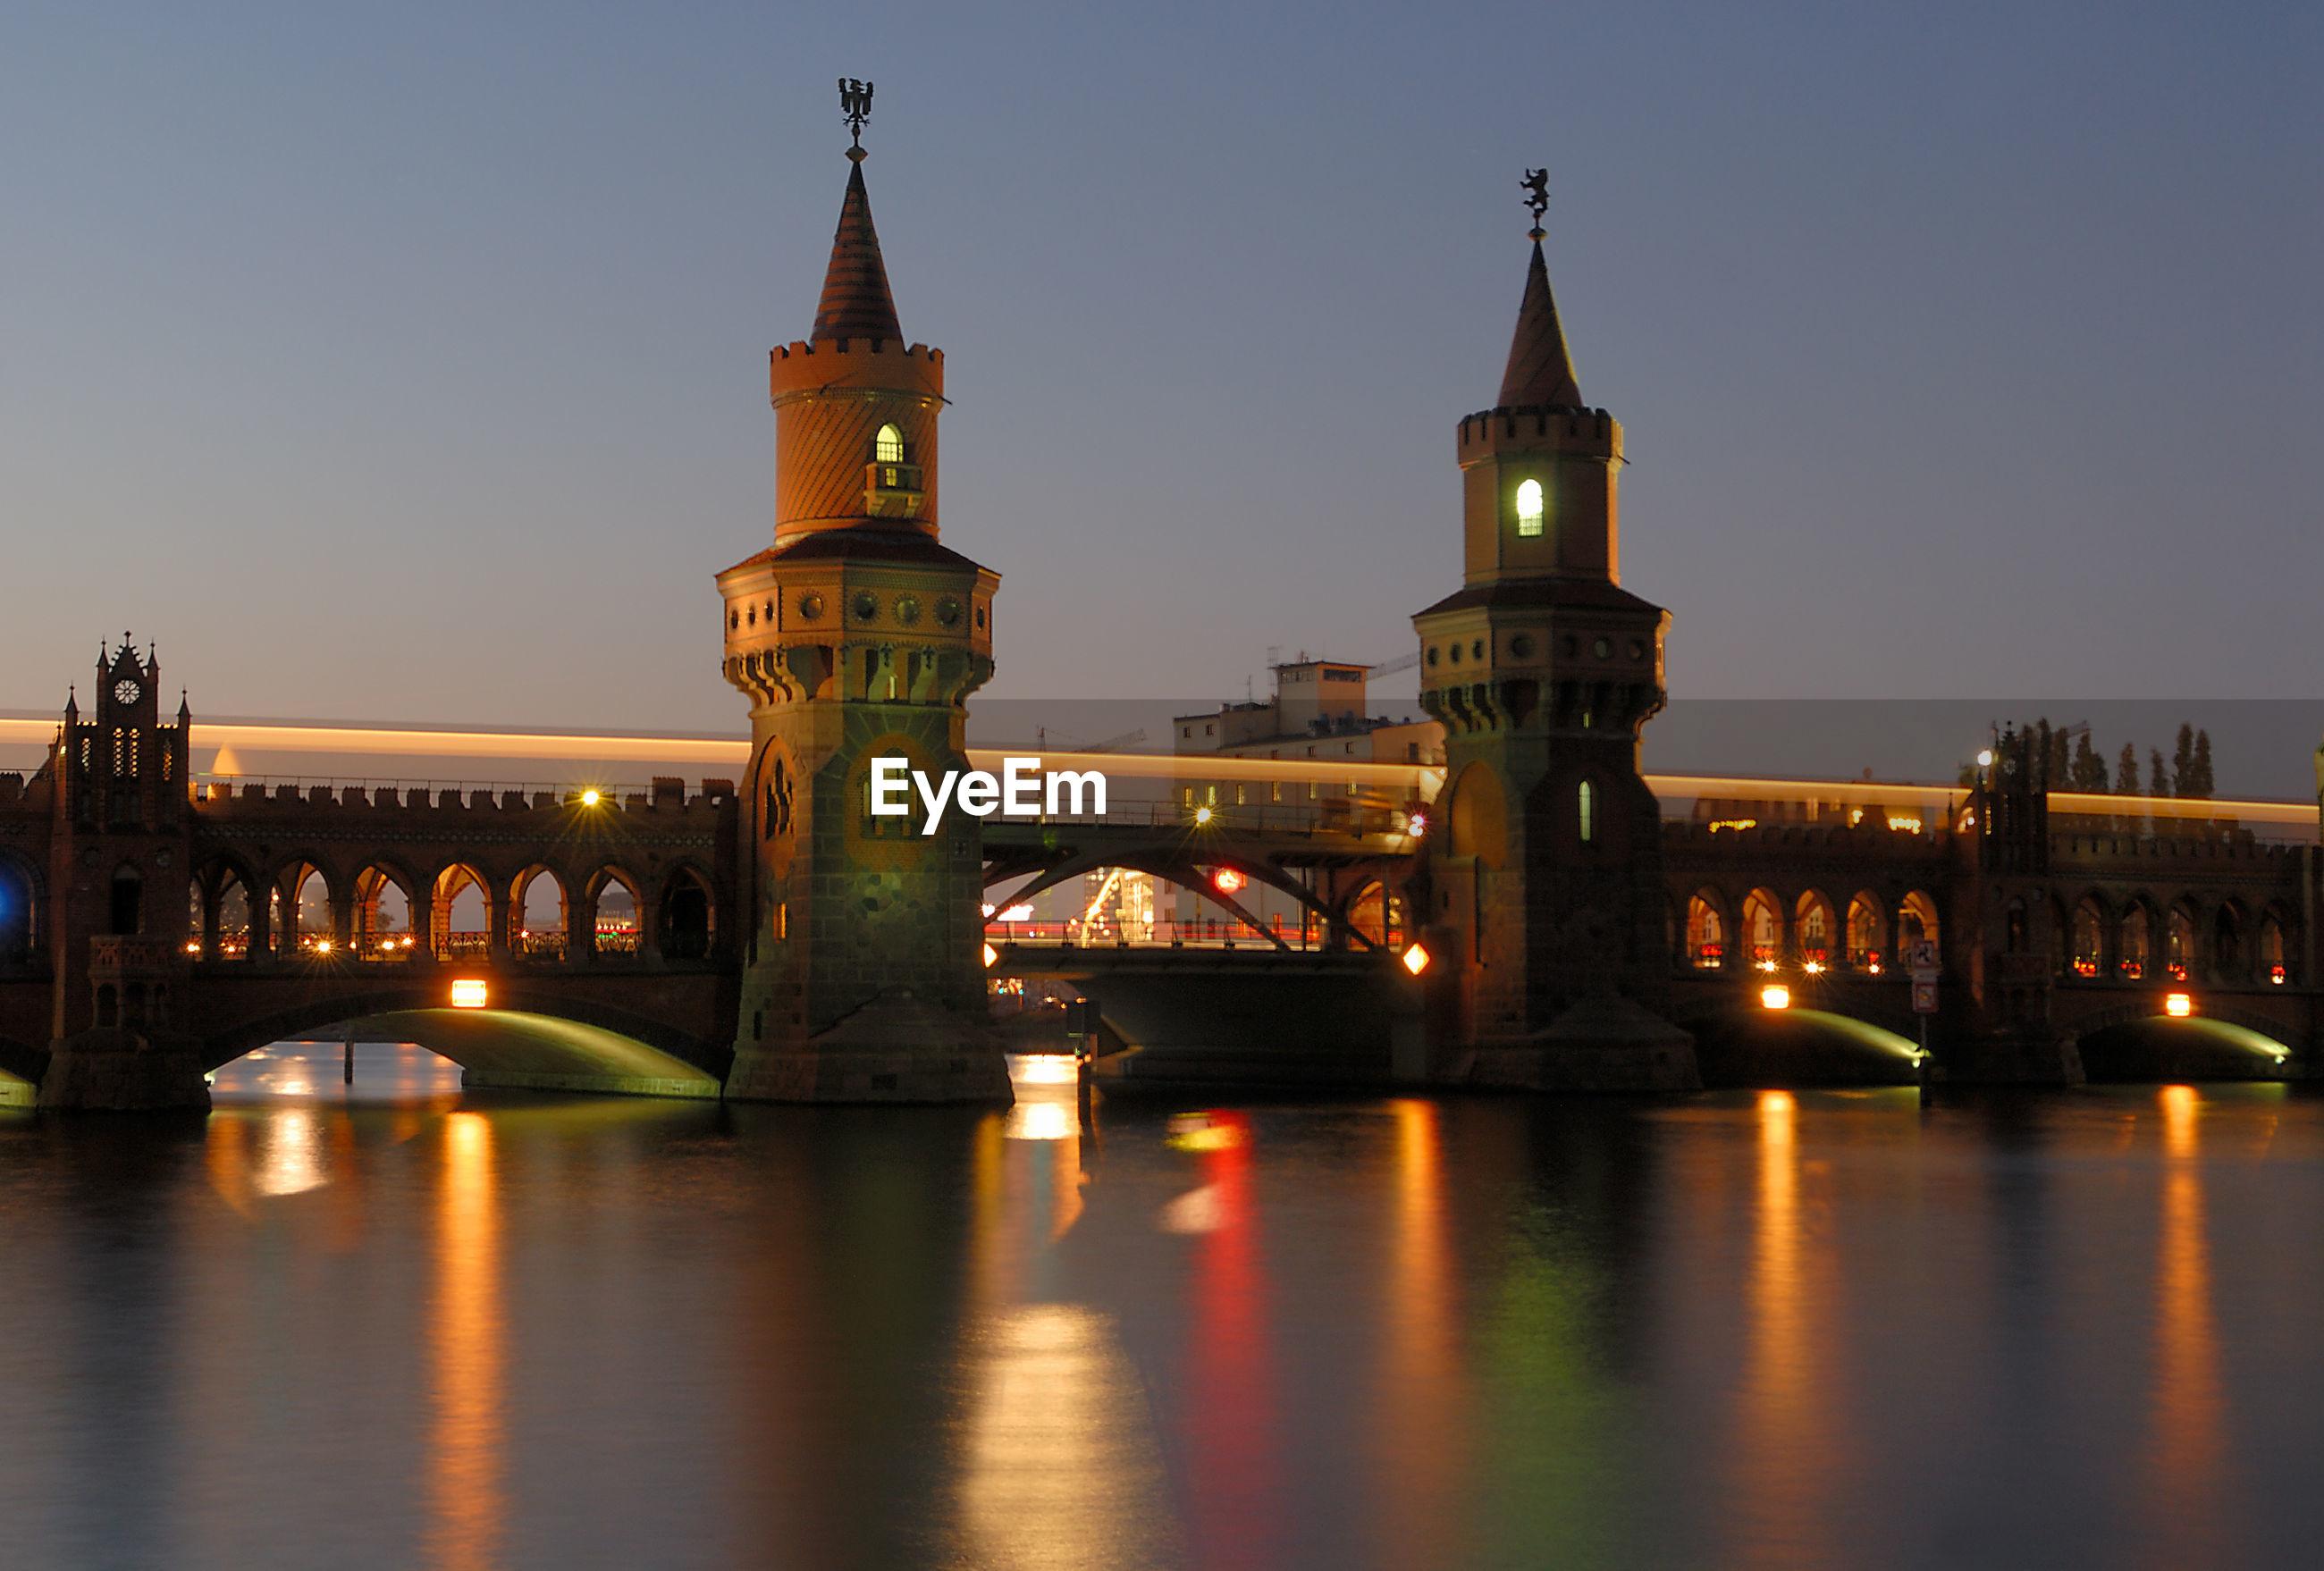 Illuminated oberbaum bridge over river at night